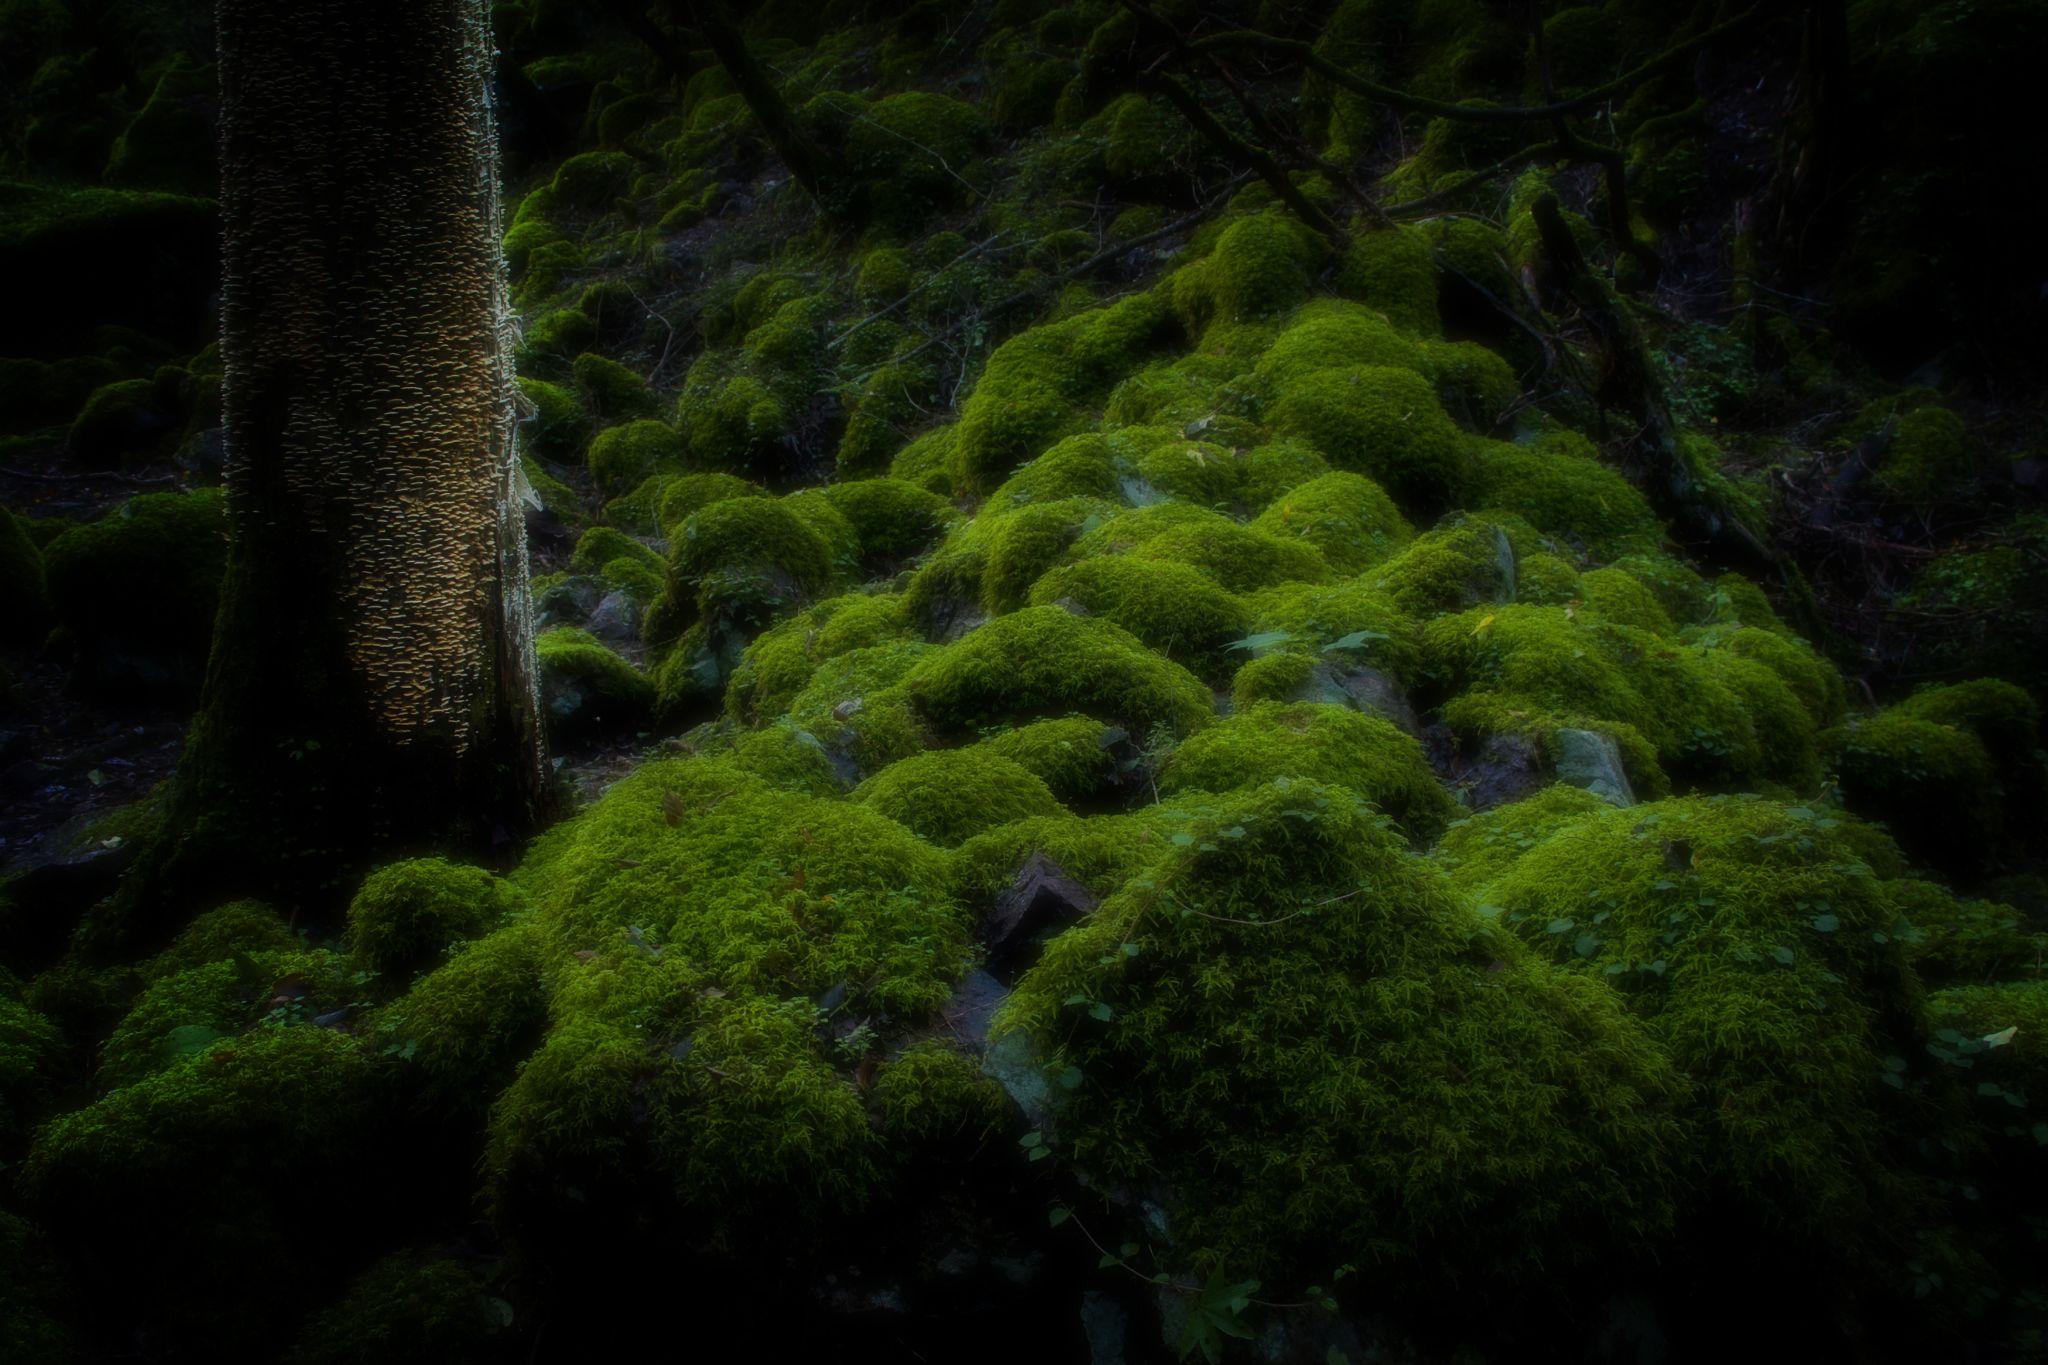 To among the moss by Koji Ishimoto